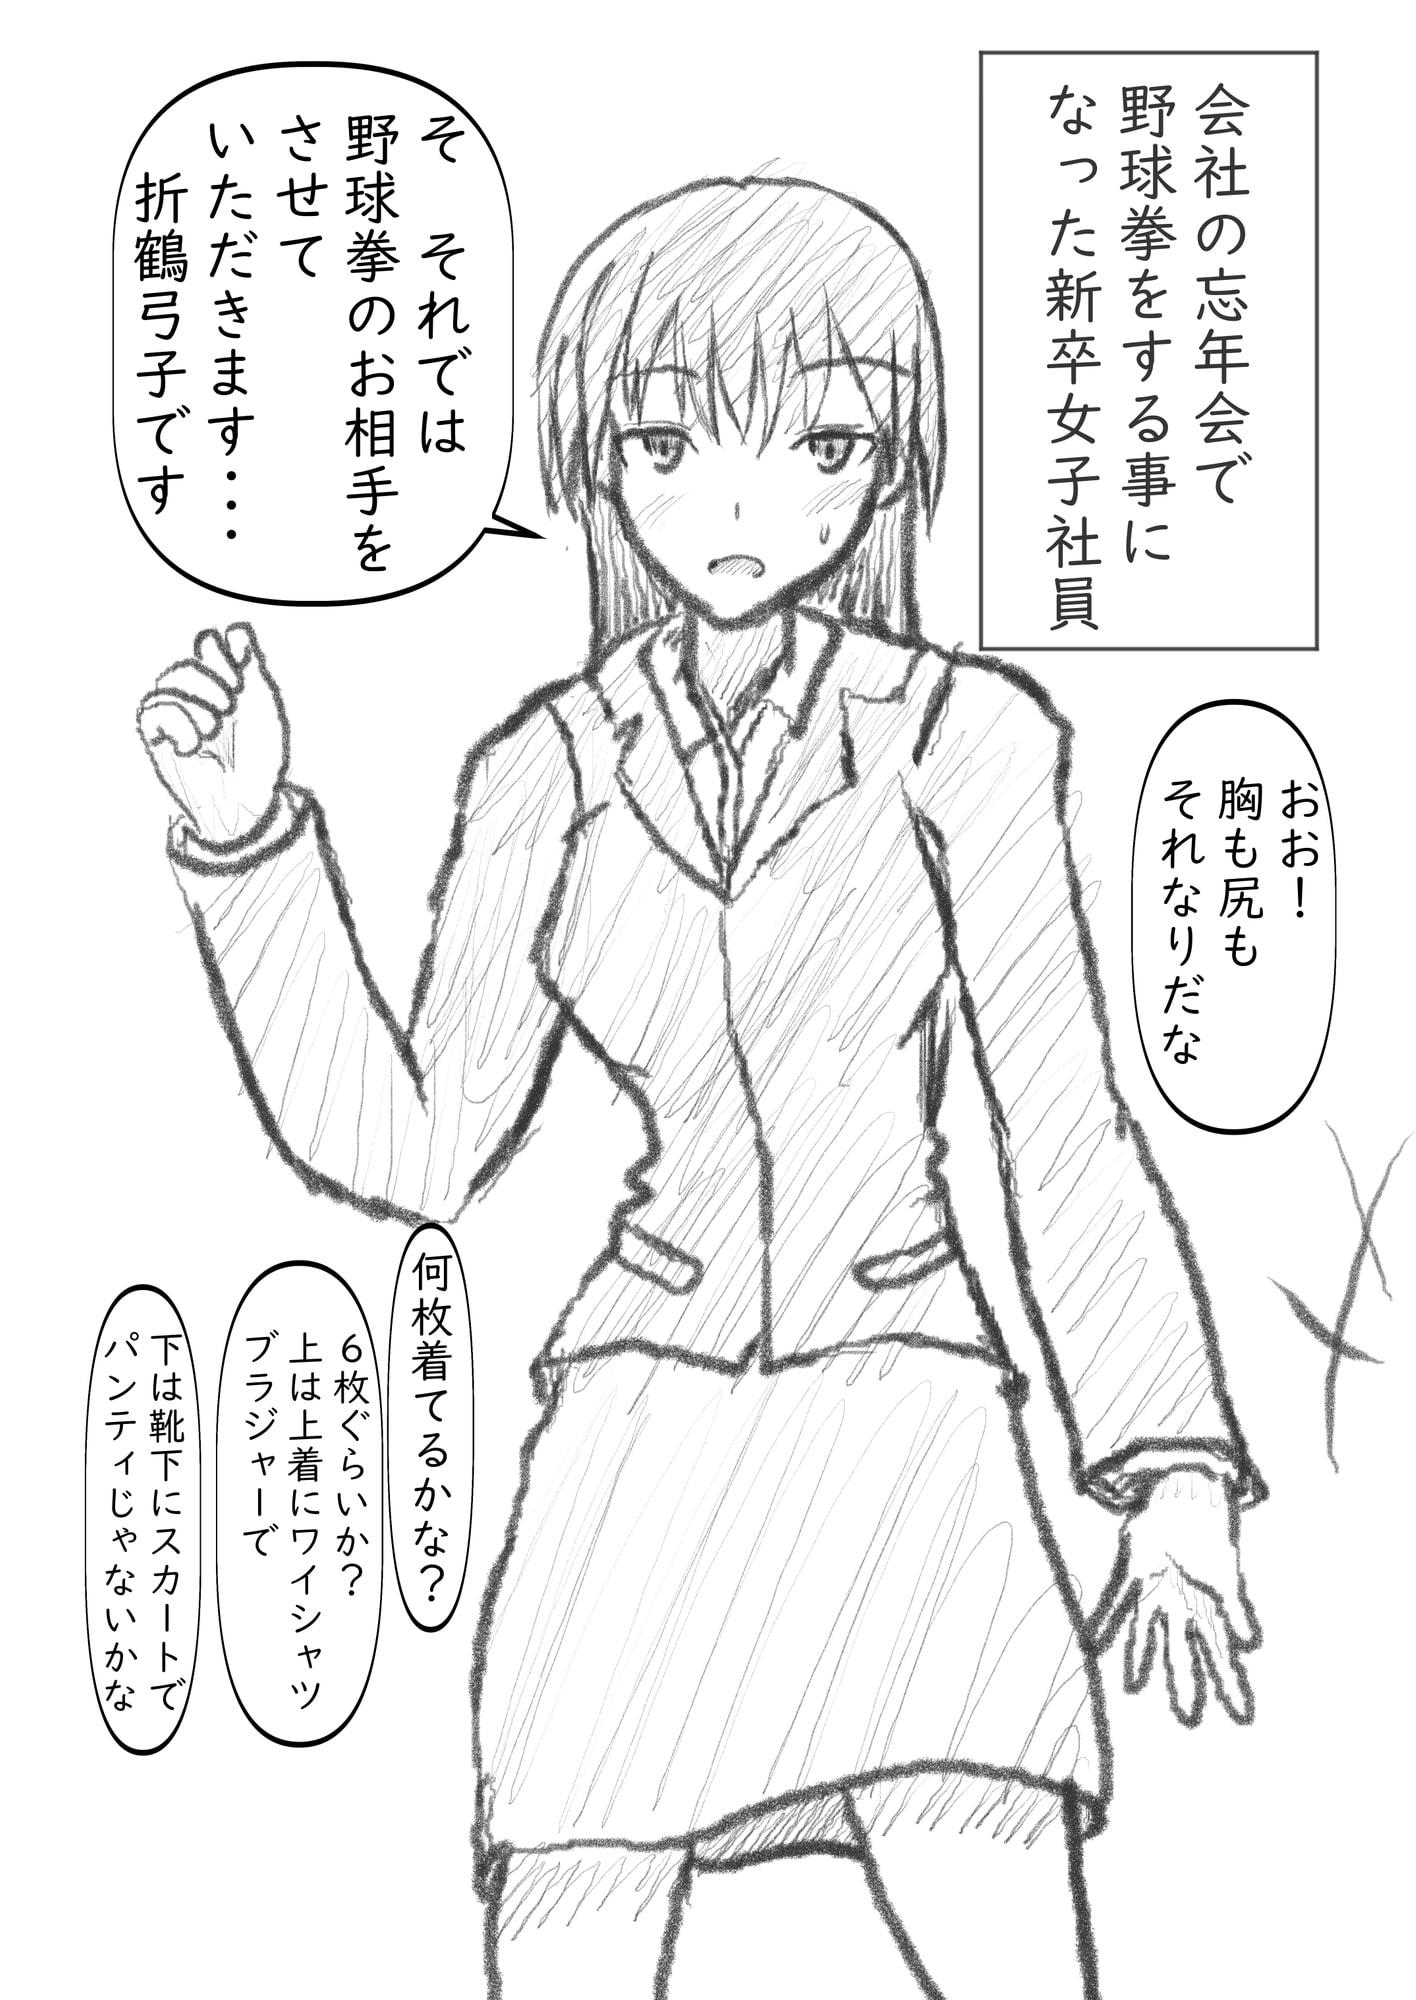 RJ330143 落書き野球拳 [20210606]